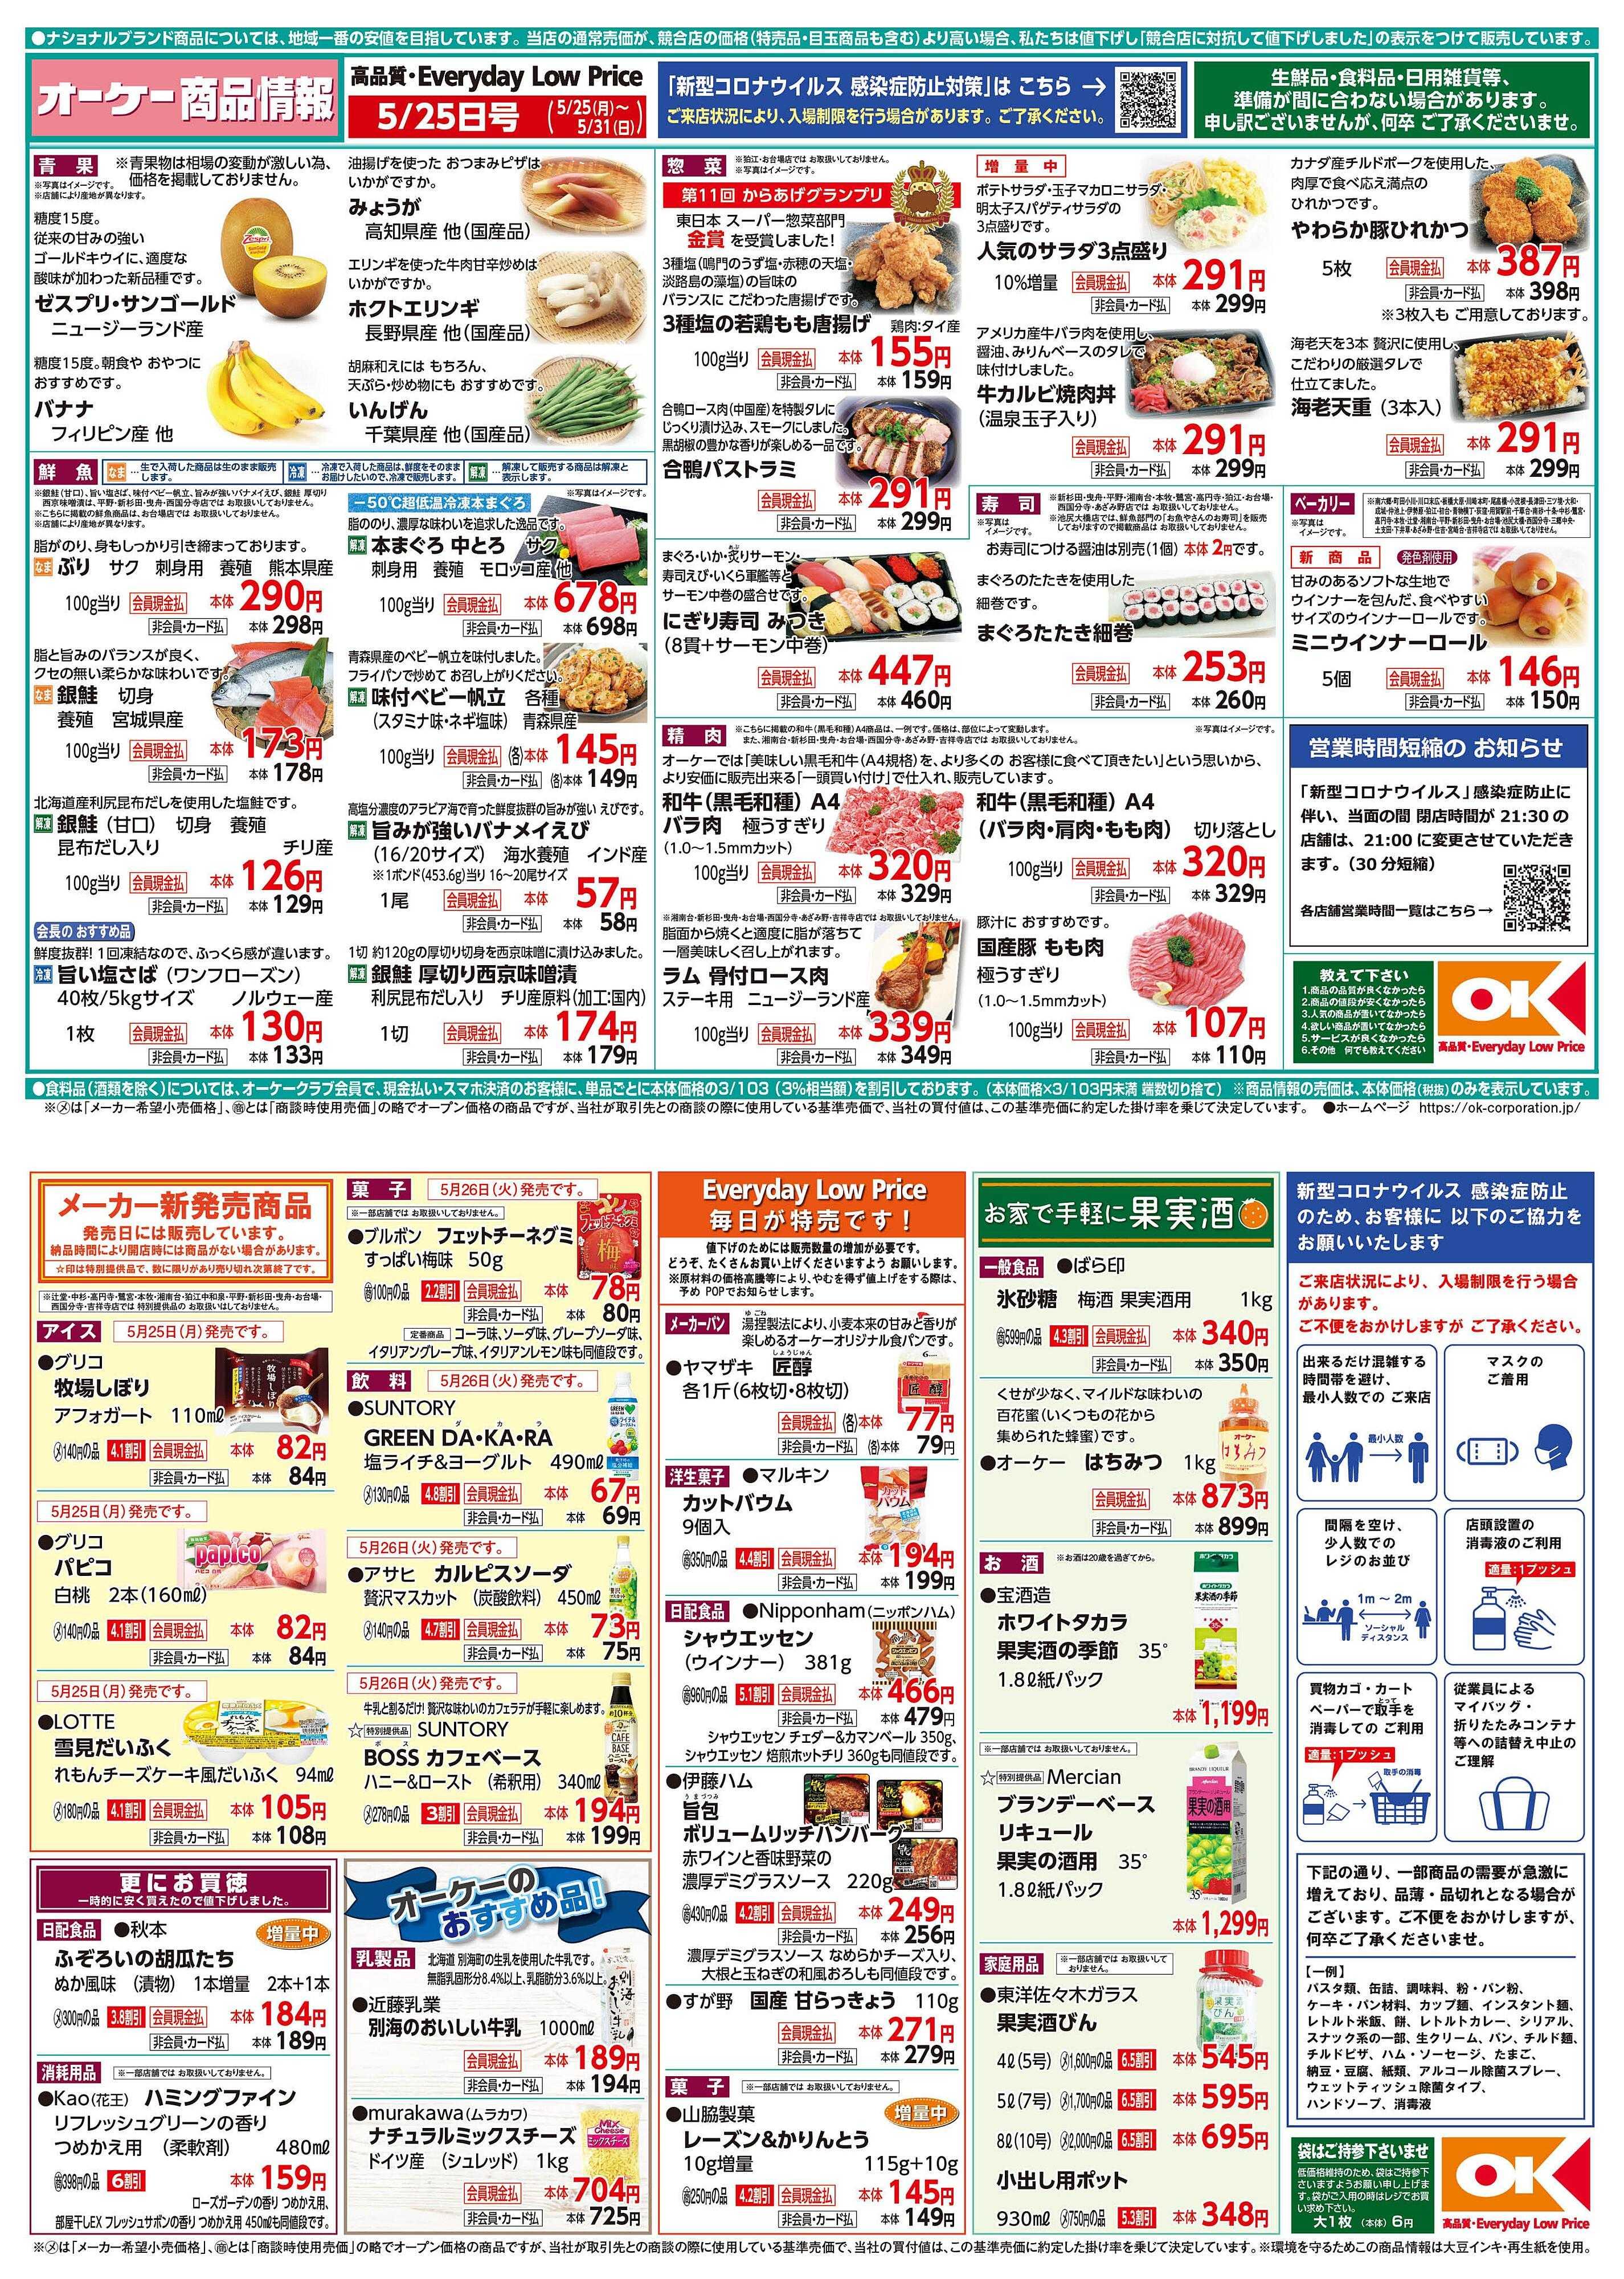 オーケー 商品情報紙5月25日号